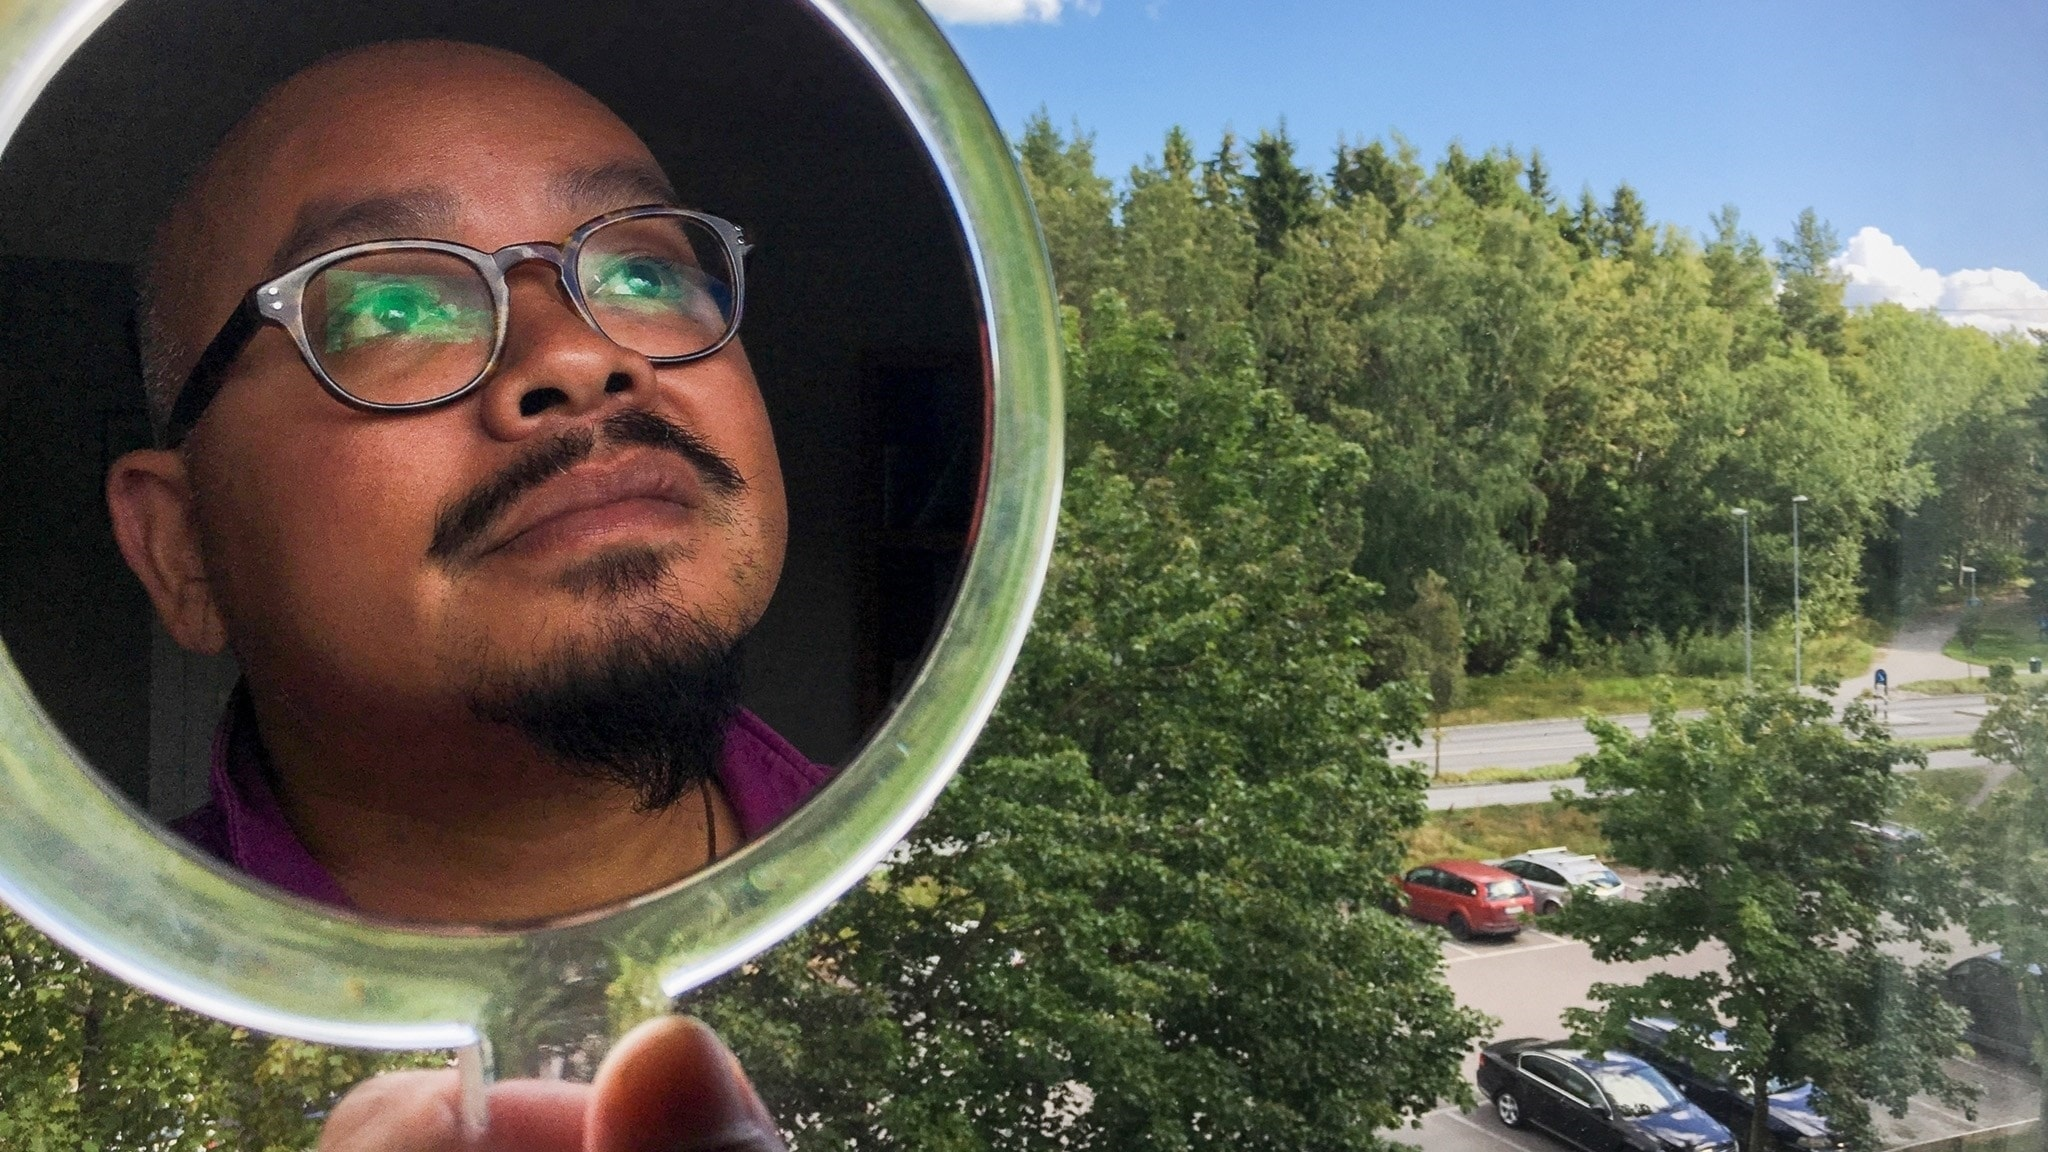 Del 5. Min spegel: Det fulaste ordet i svenskan är ensamhet